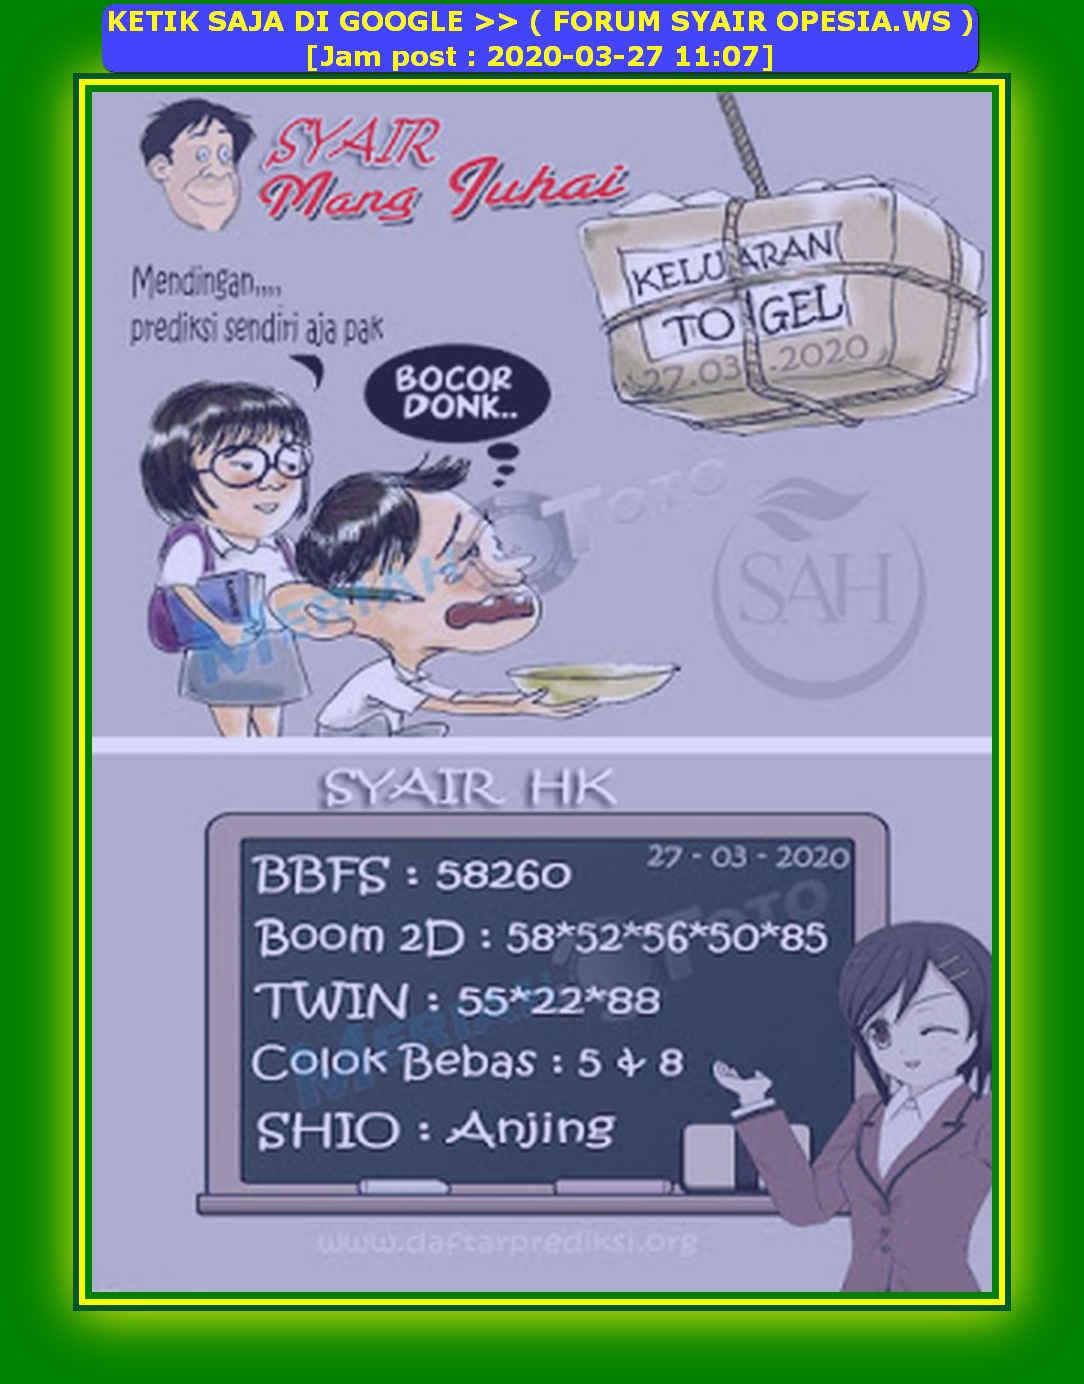 Kode syair Hongkong Jumat 27 Maret 2020 145